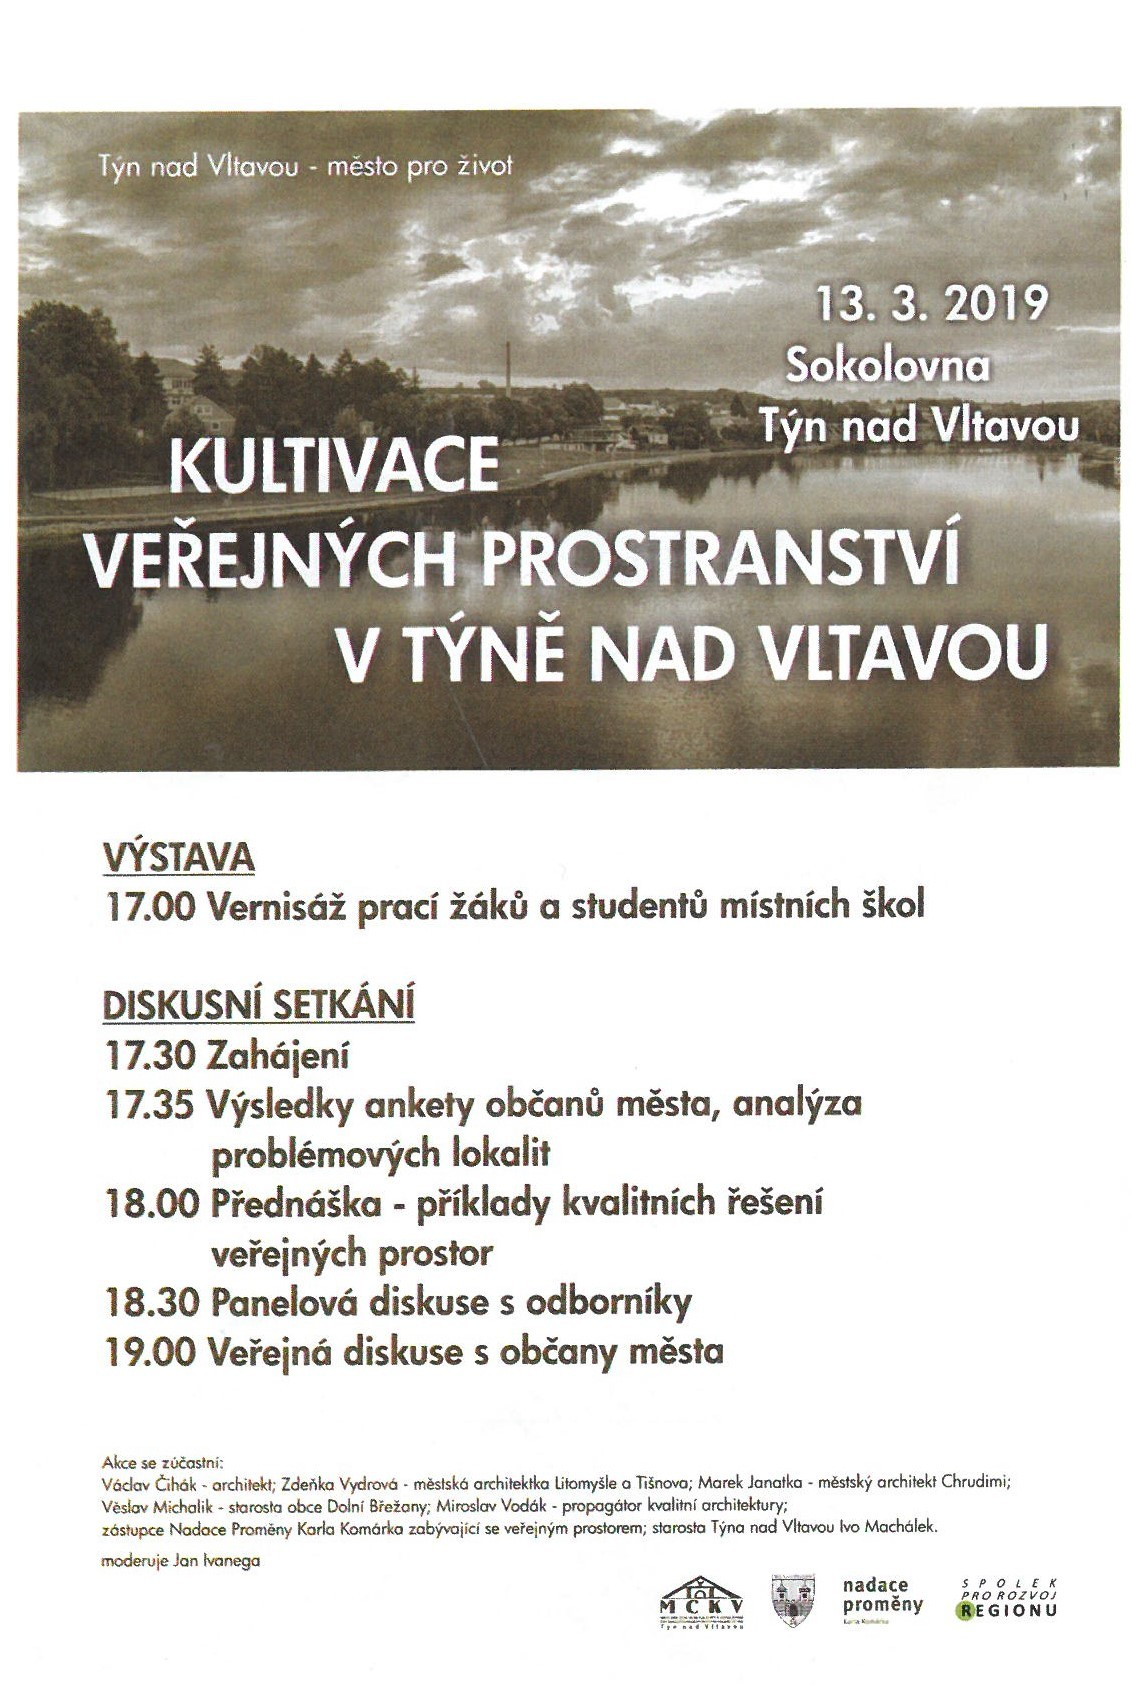 Kultivace veřejných prostranství v Týně nad Vltavou